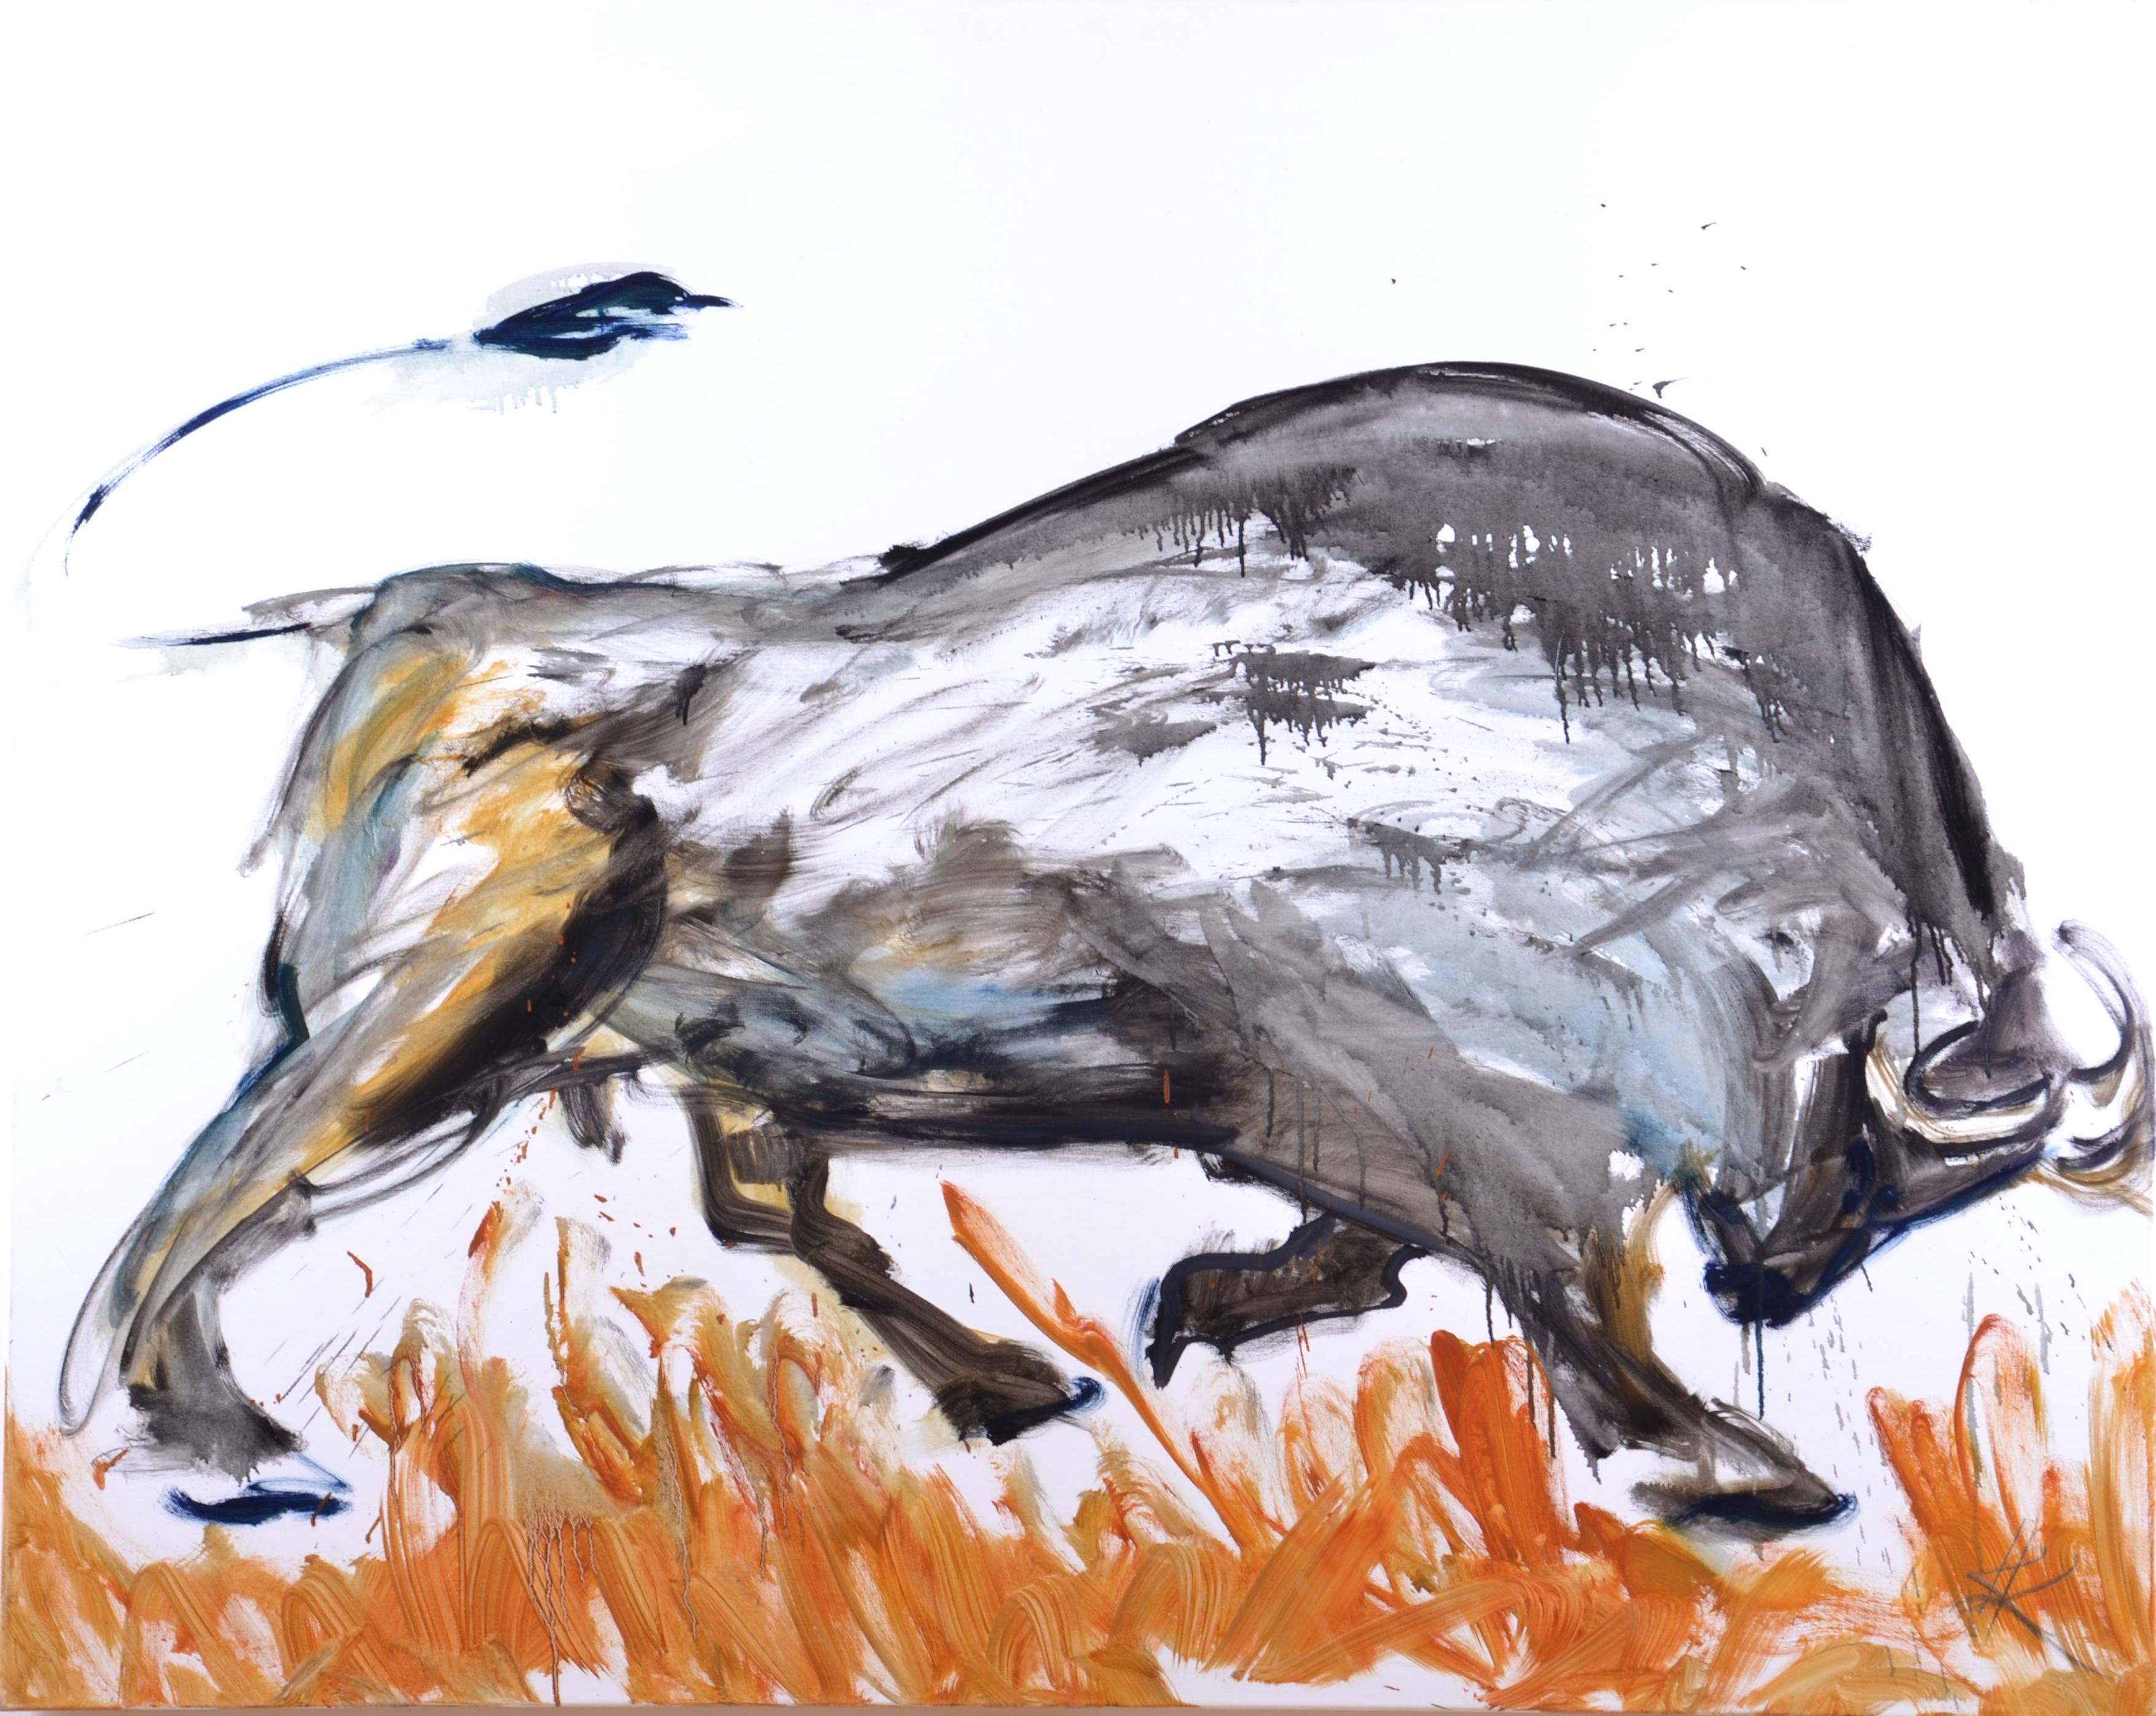 Stier, Öl auf Leinwand, 150 x 120, (2017)